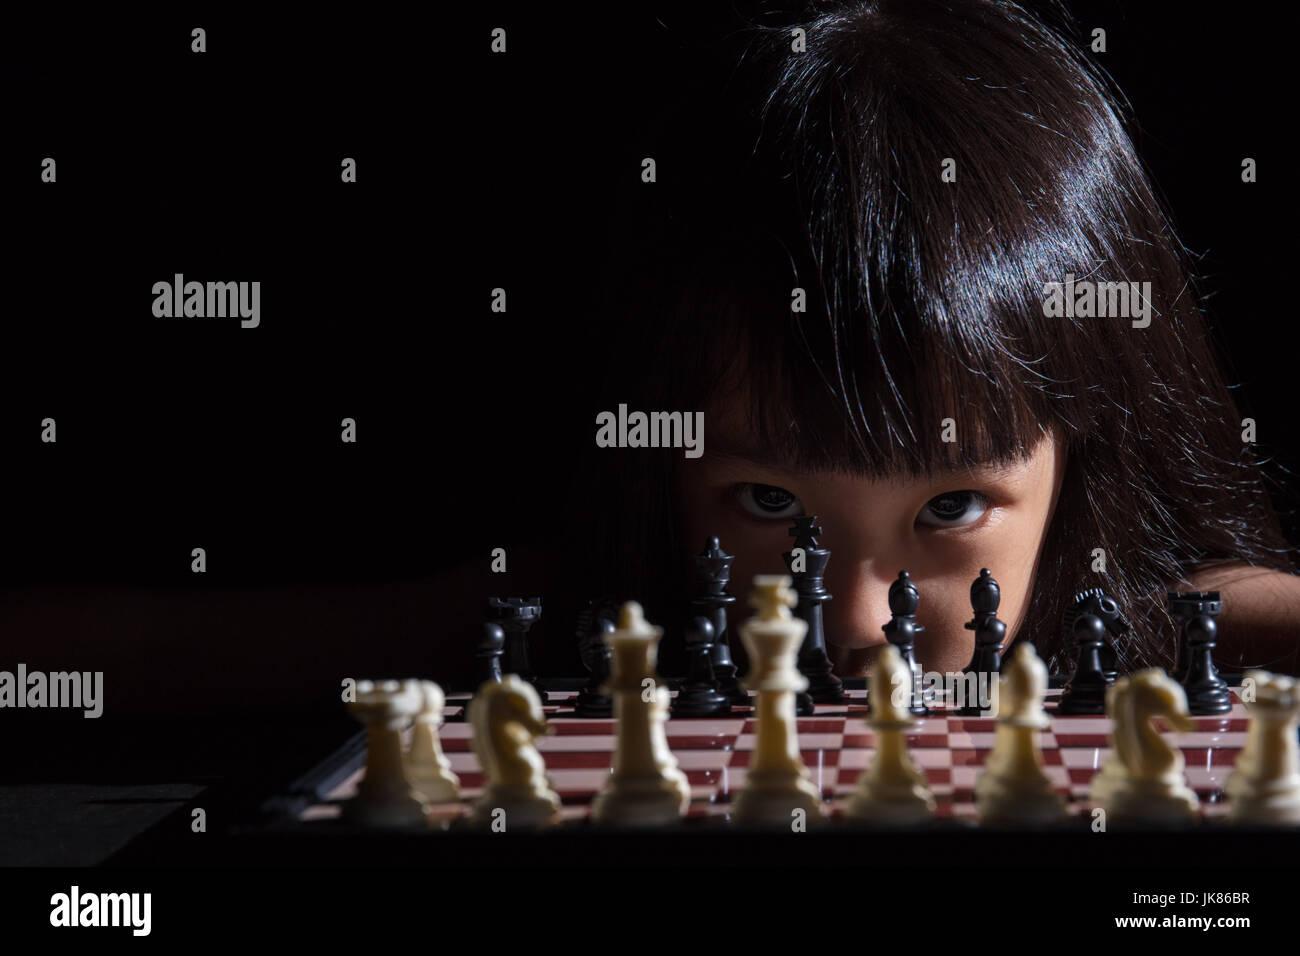 Petite fille asiatique chinois jouant aux échecs dans l'arrière-plan noir isolé Photo Stock